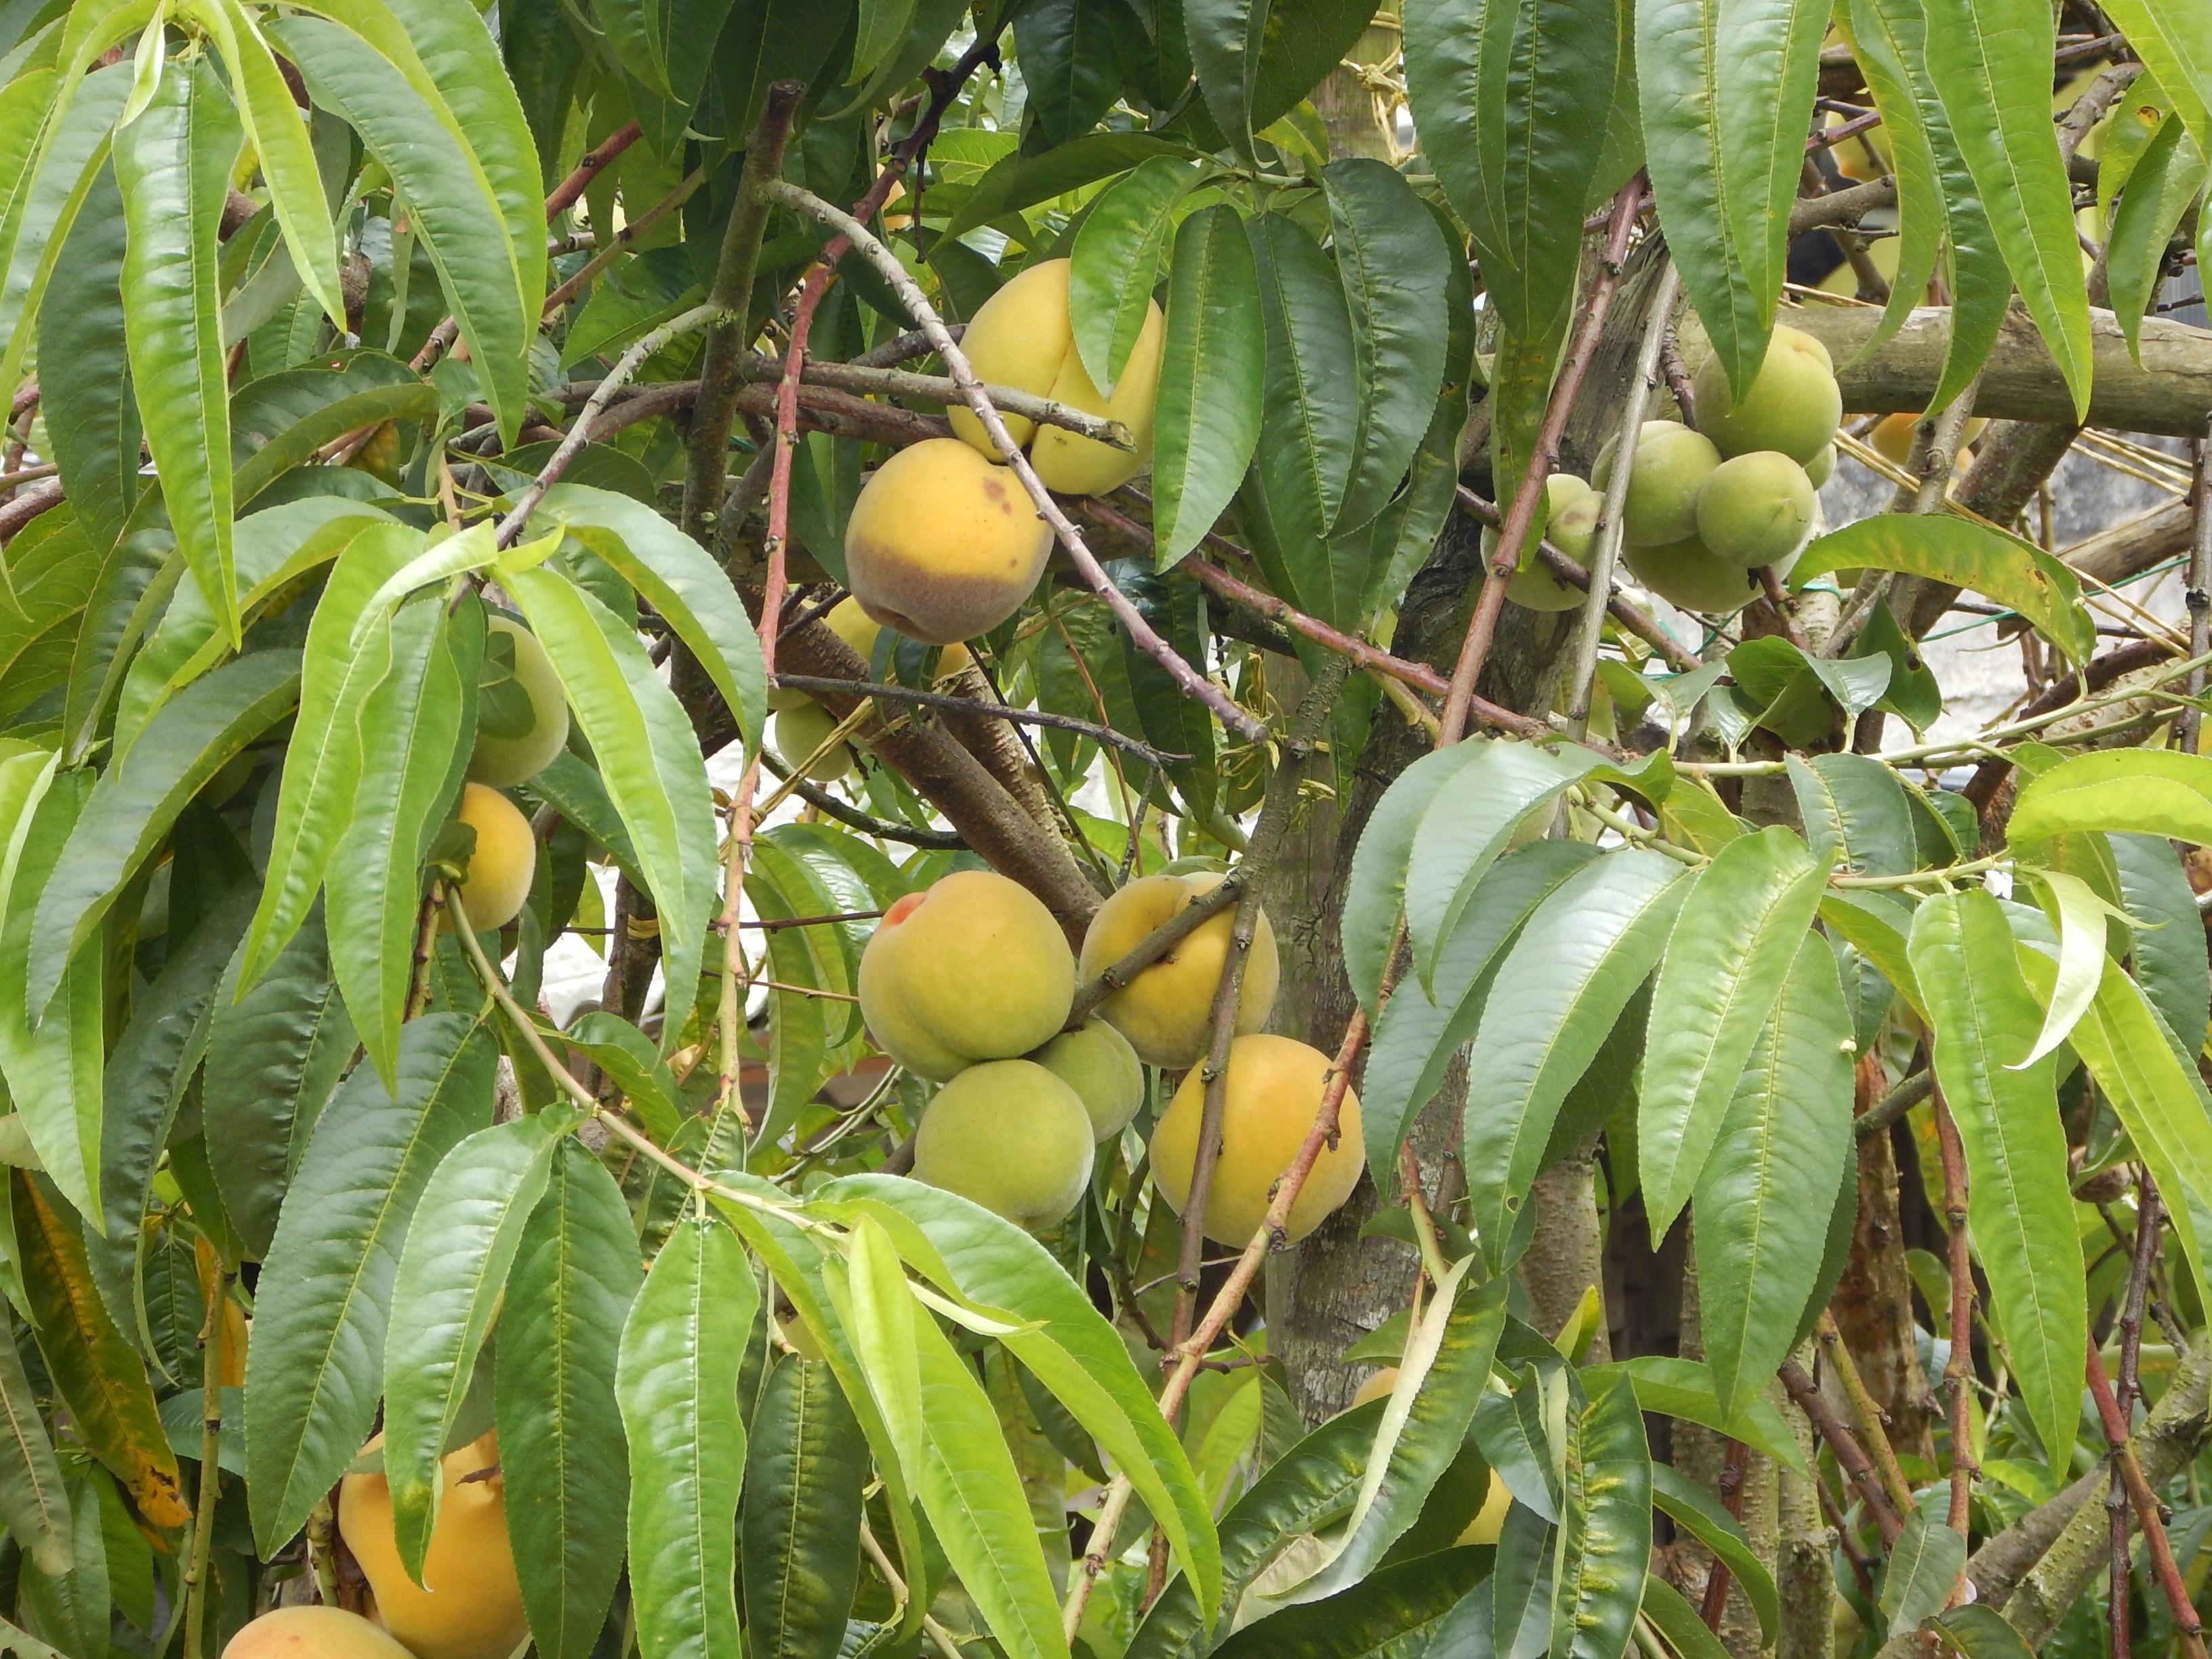 Fotos gratis rbol fruta flor salvaje comida for Arboles frutales de hoja perenne para jardin